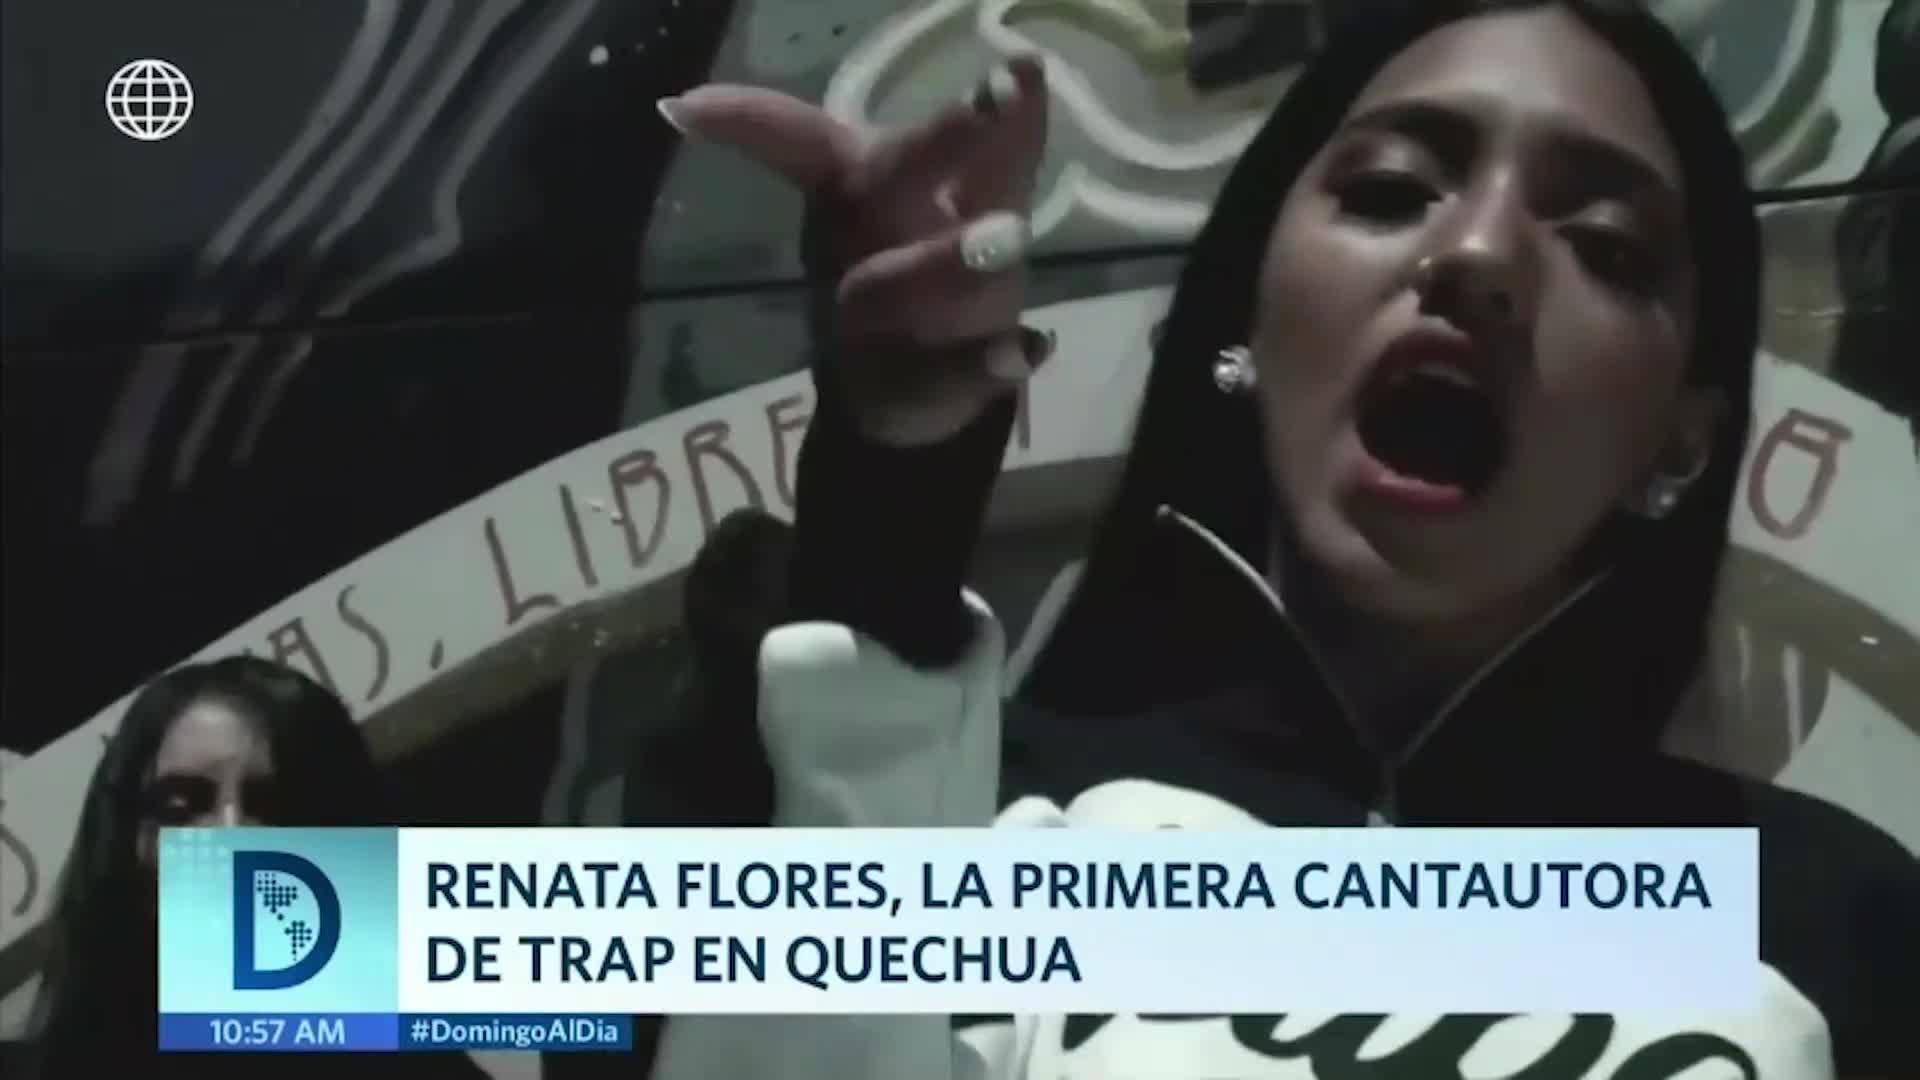 Cantautora ayacuchana Renata Flores canta trap en quechua